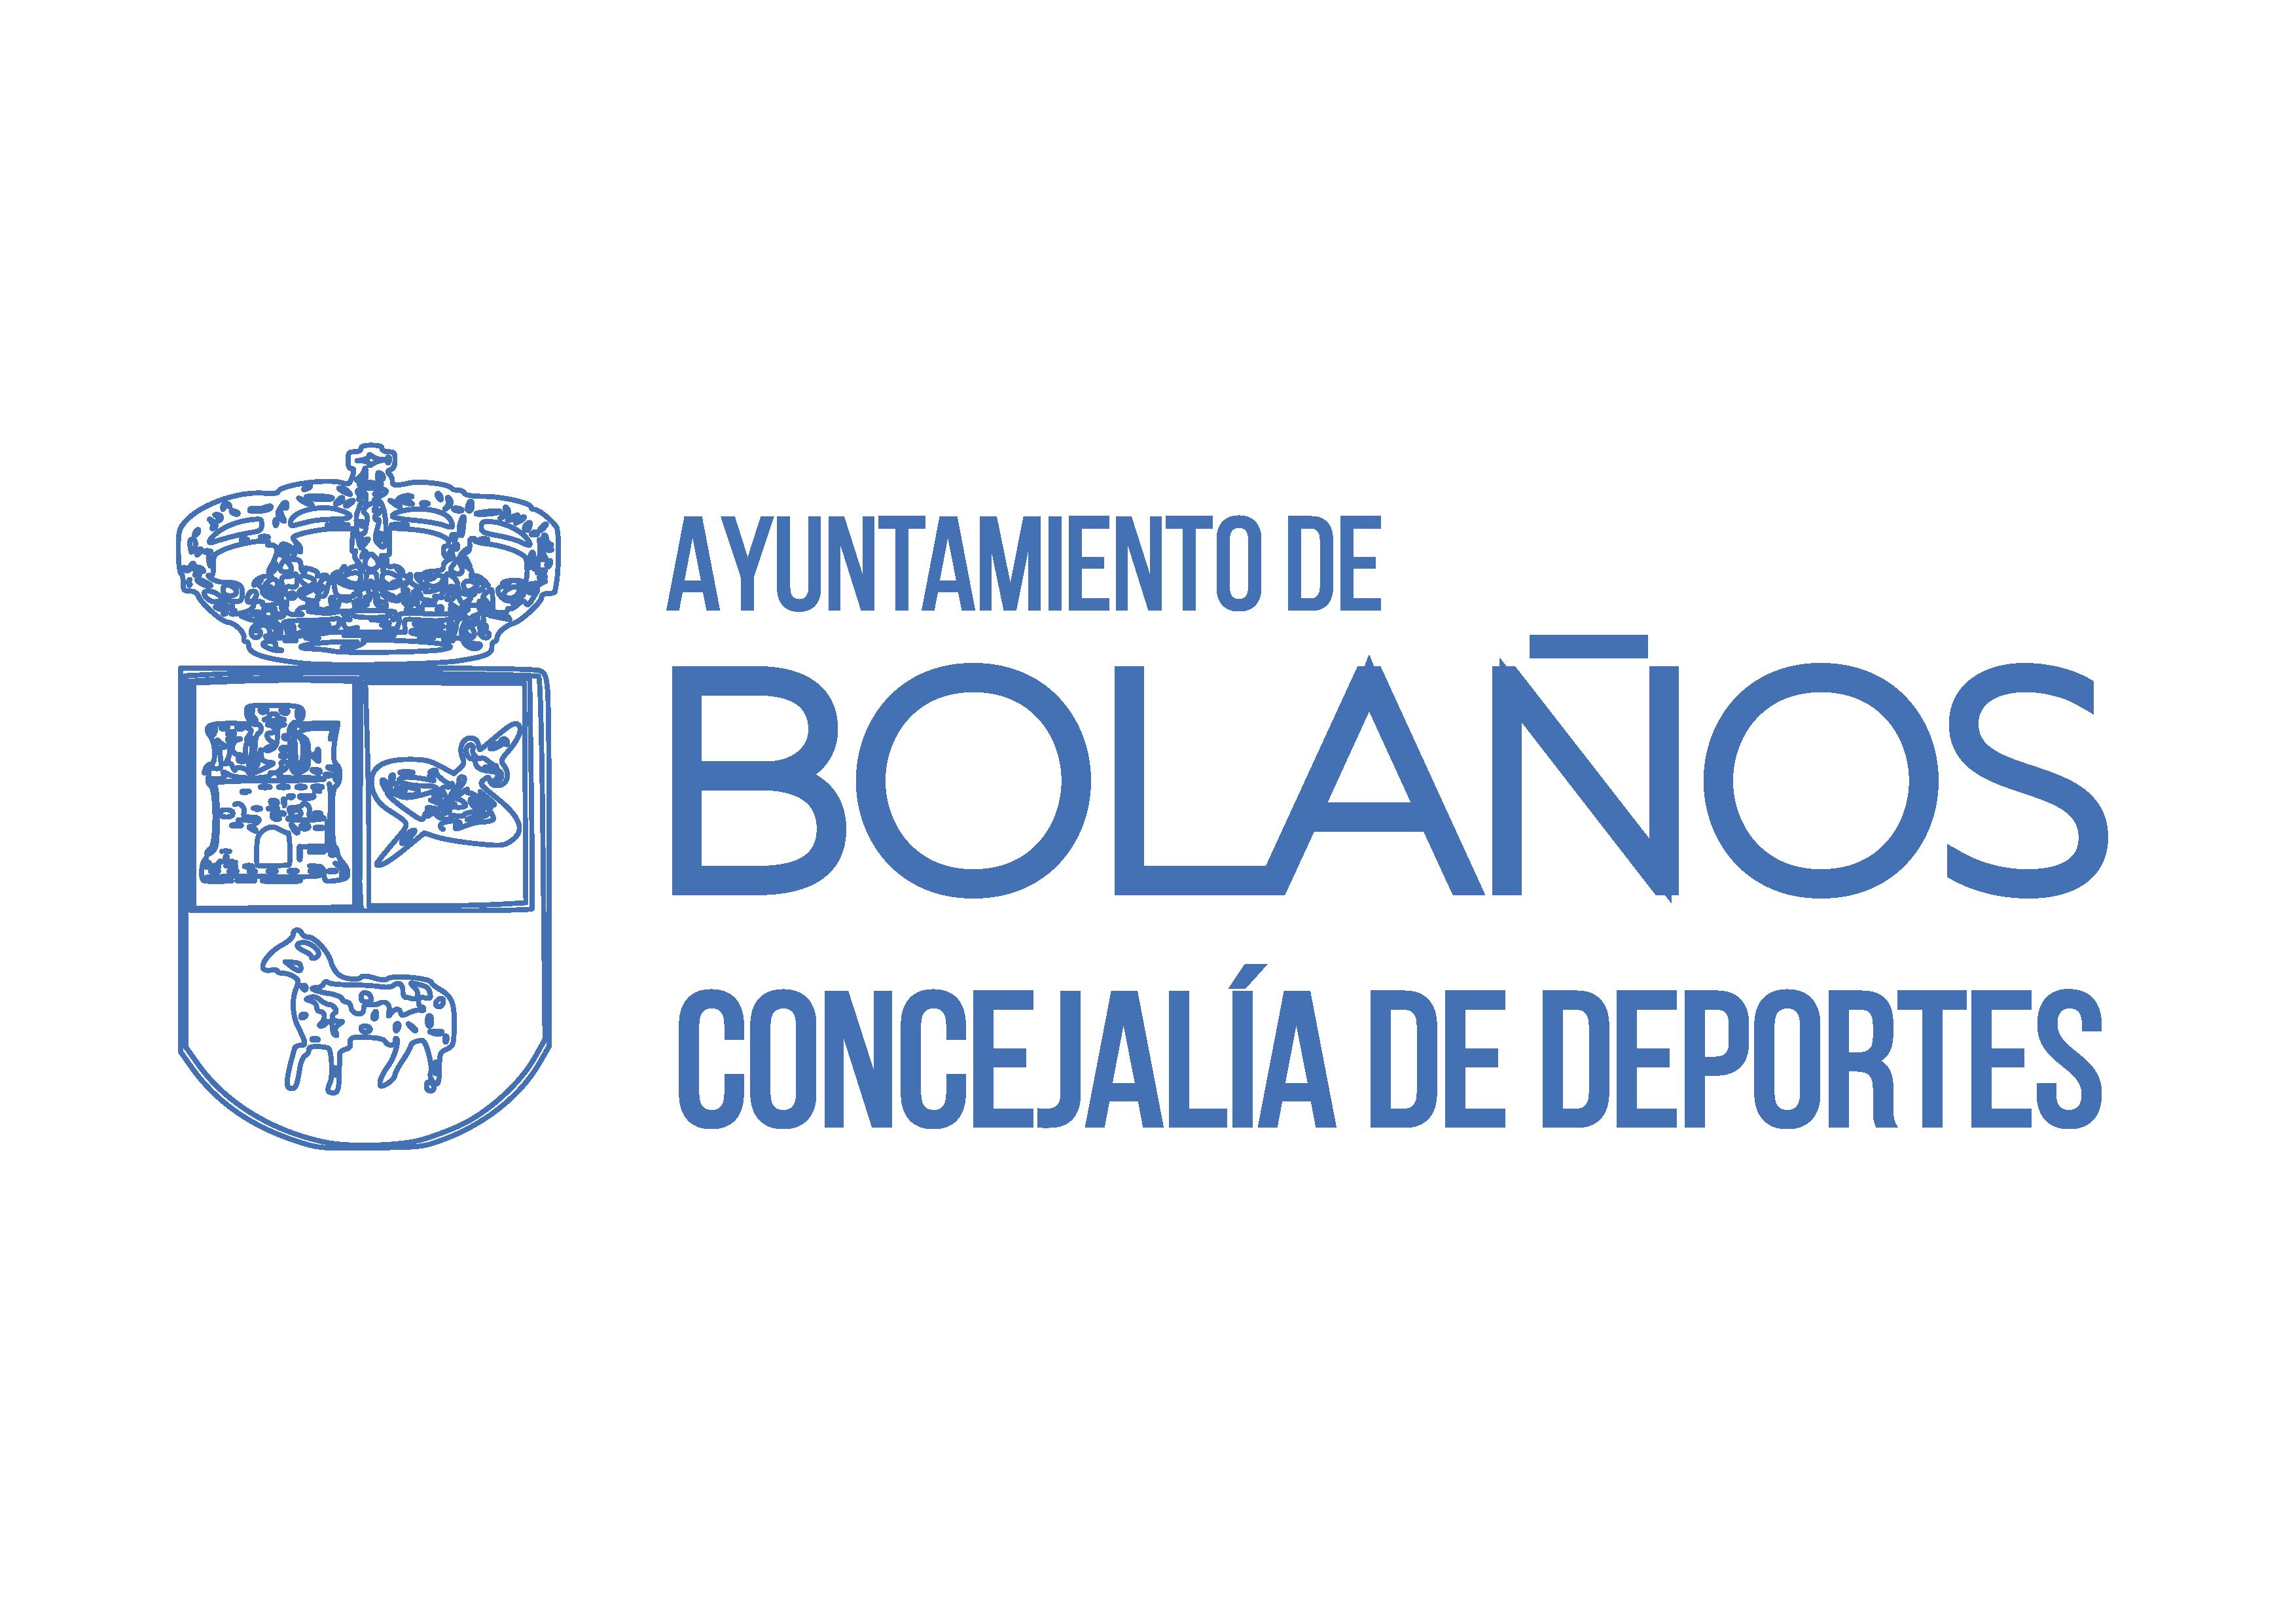 Ayuntamiento de Bolaños de Calatrava